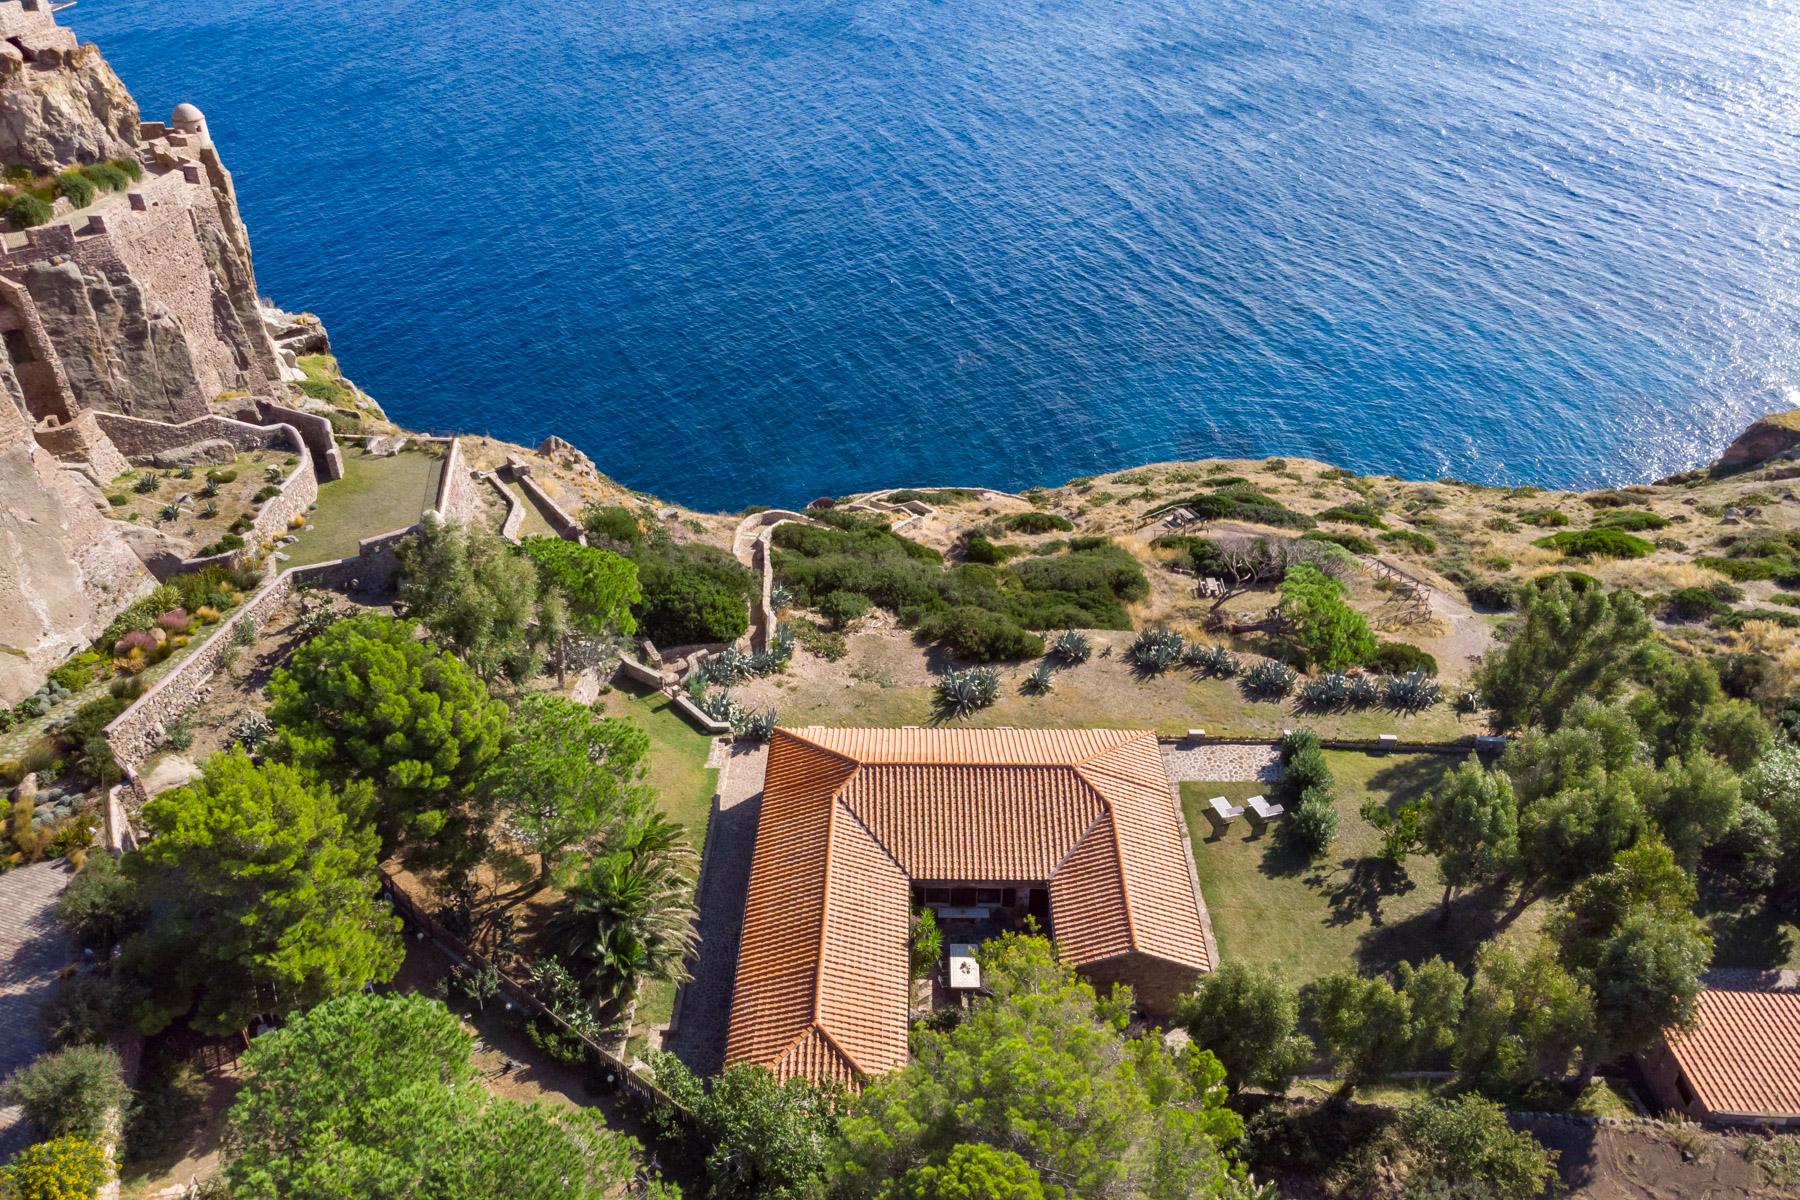 Villa in Vendita a Capraia Isola: 5 locali, 320 mq - Foto 23